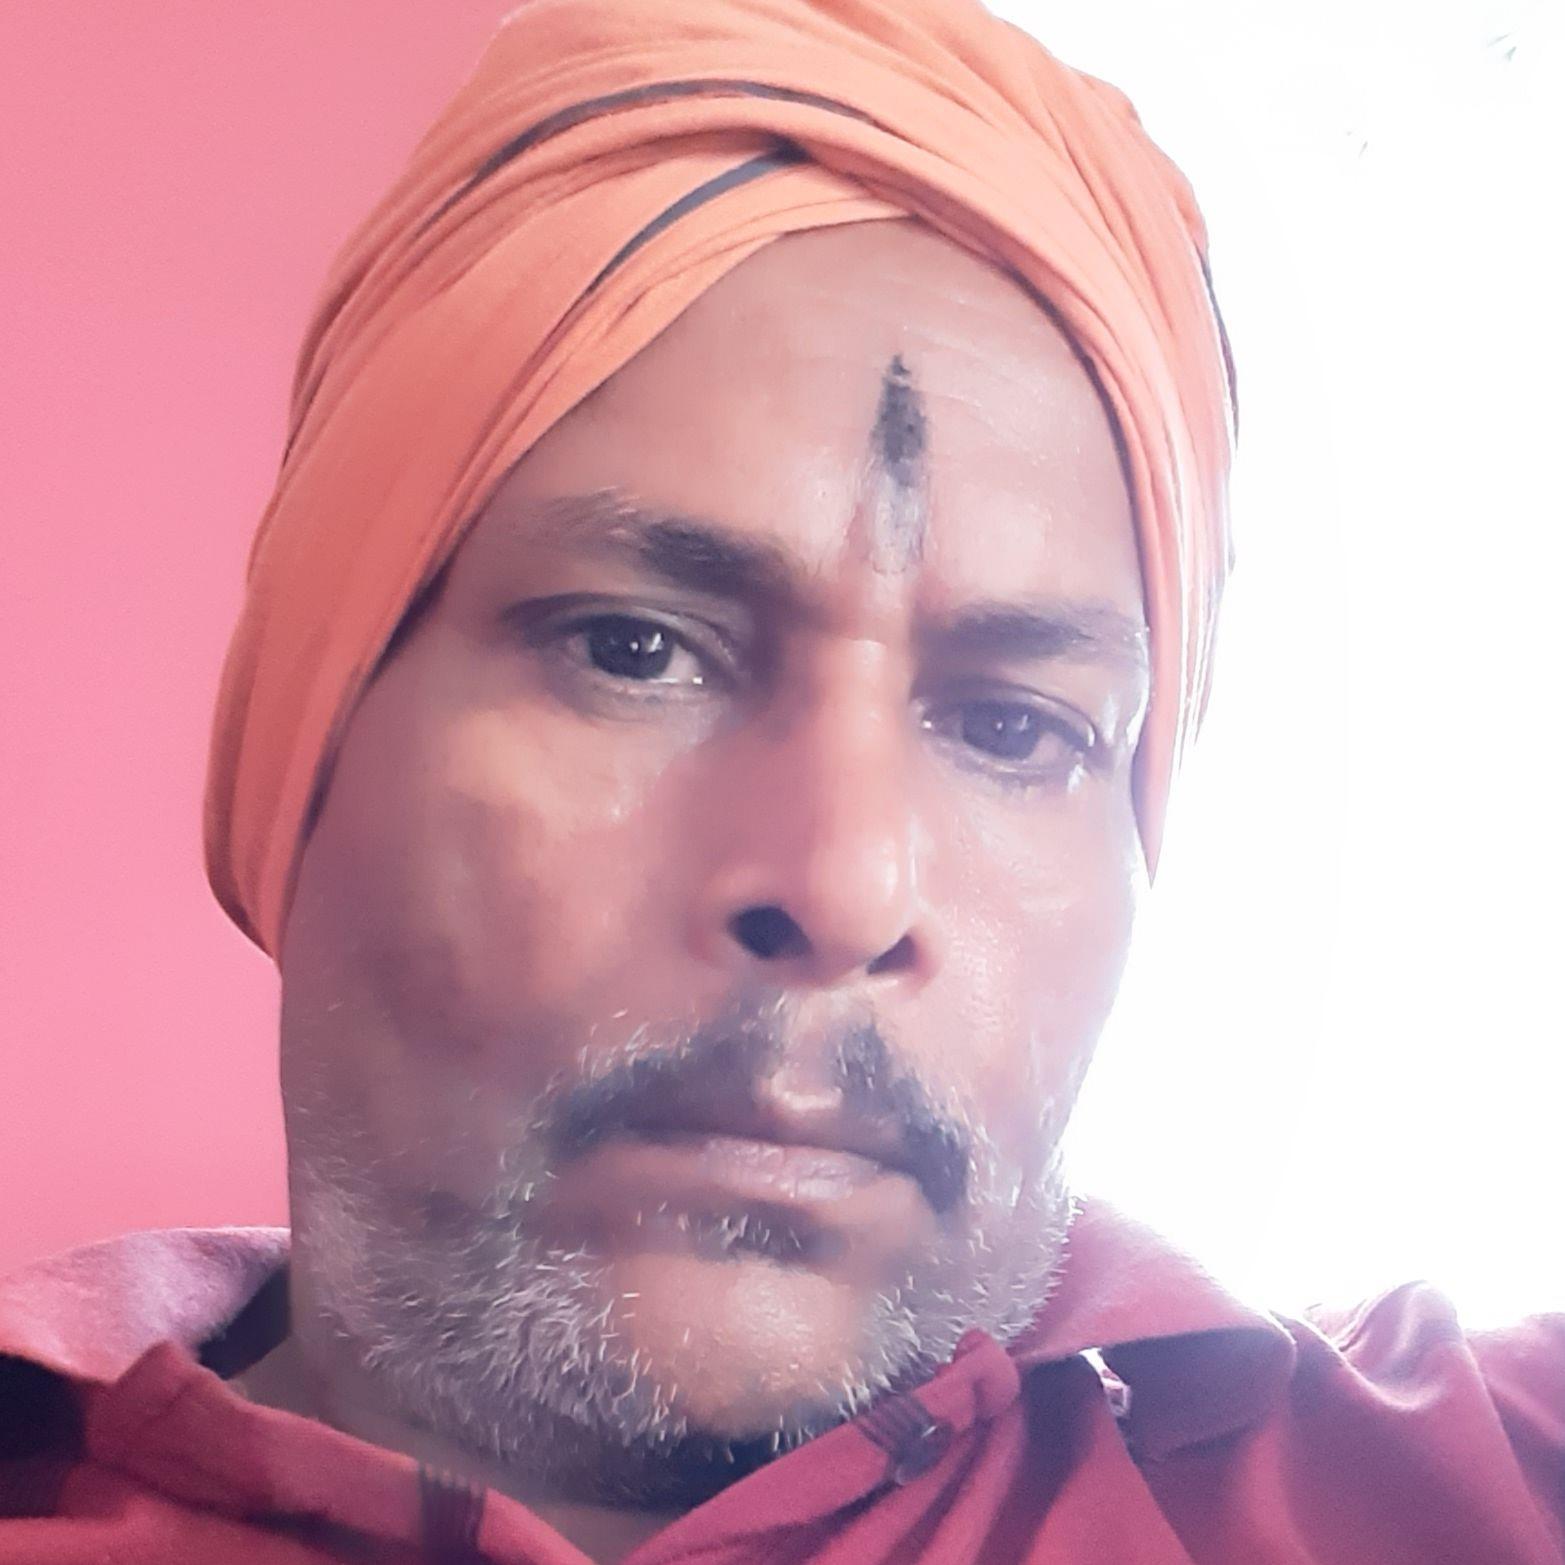 S.K. Choudhary